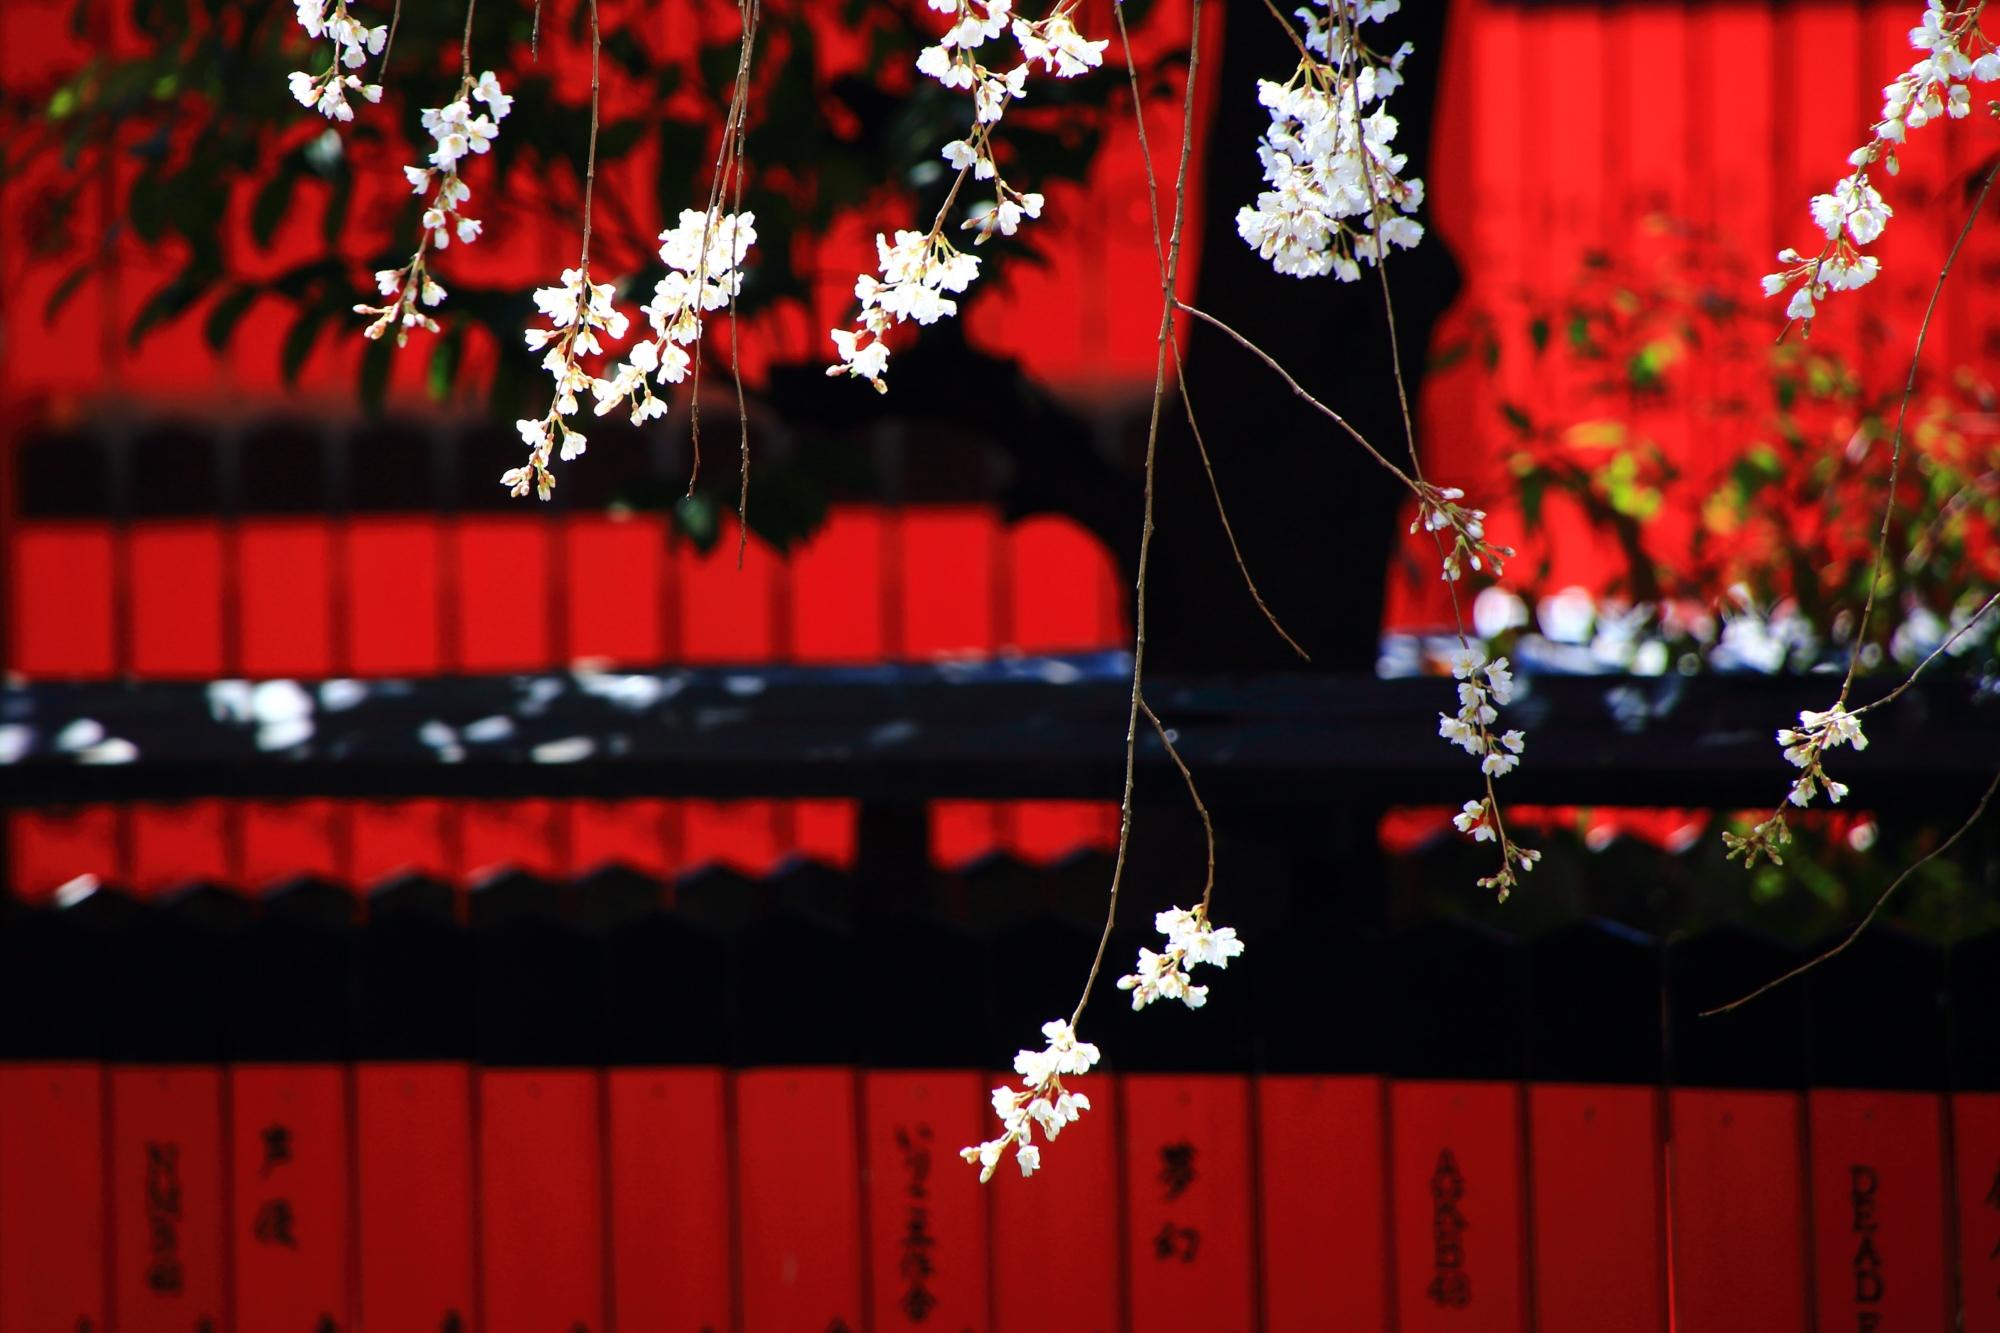 赤い玉垣を背景に揺らぐ華やかな渓仙桜